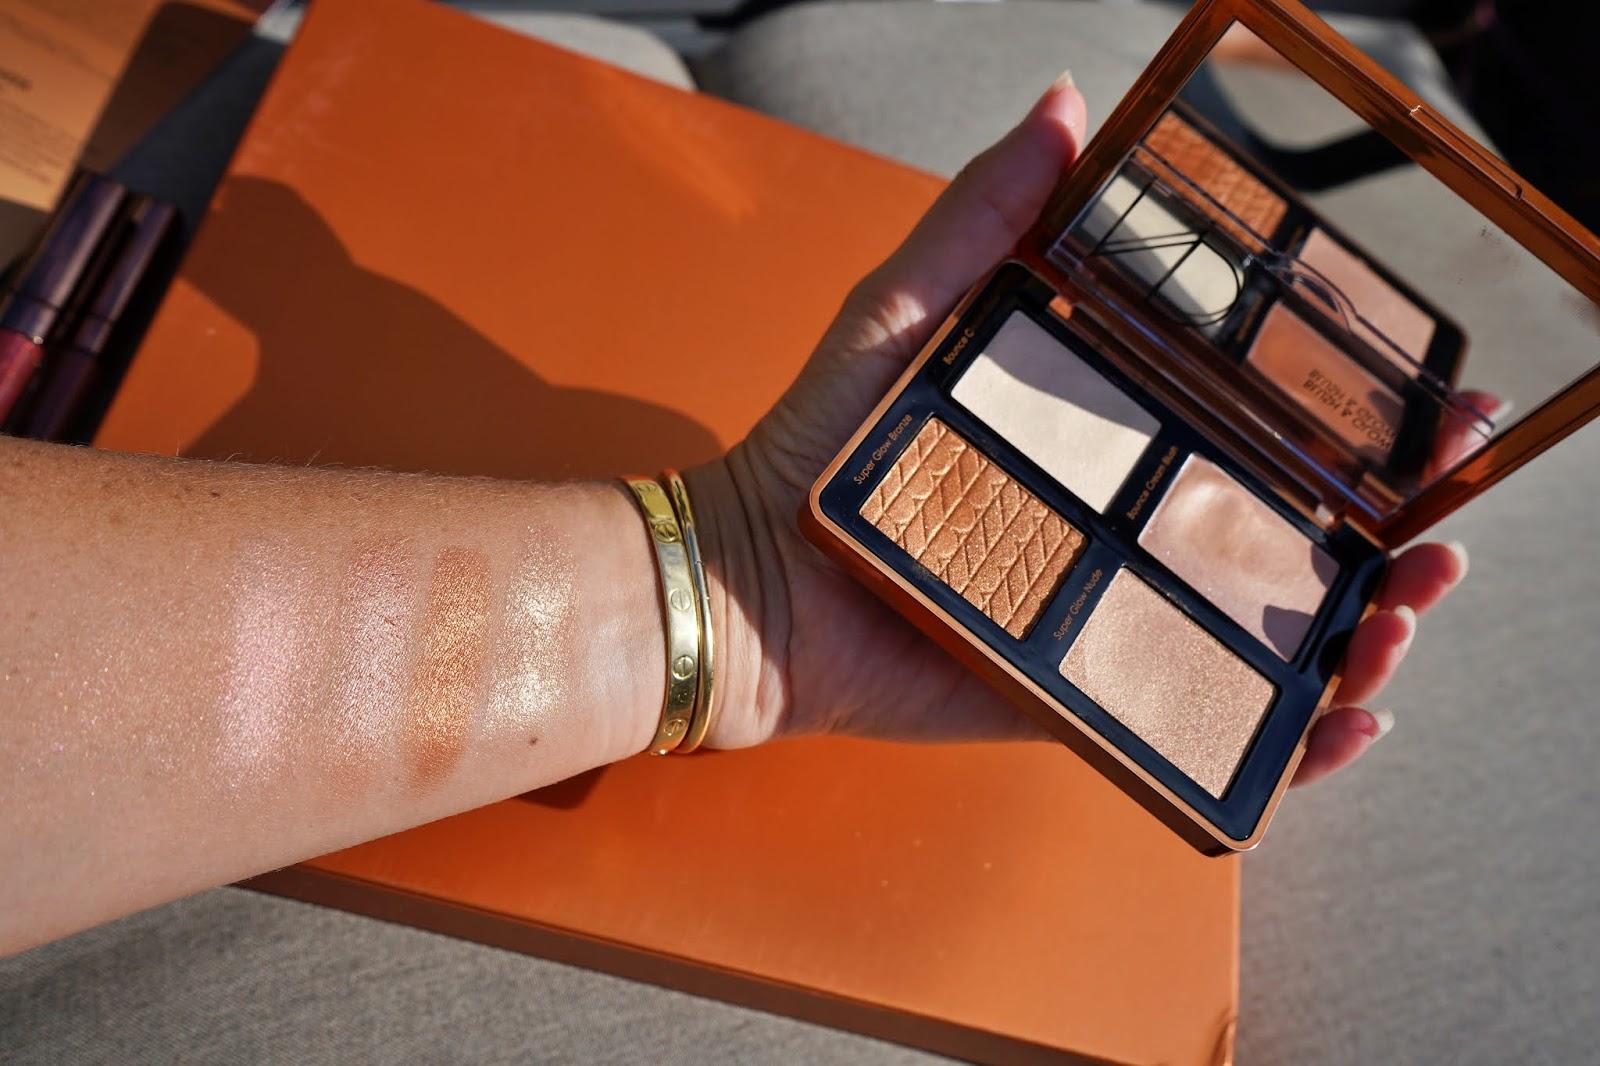 Natasha Denona bronze face palette swatches